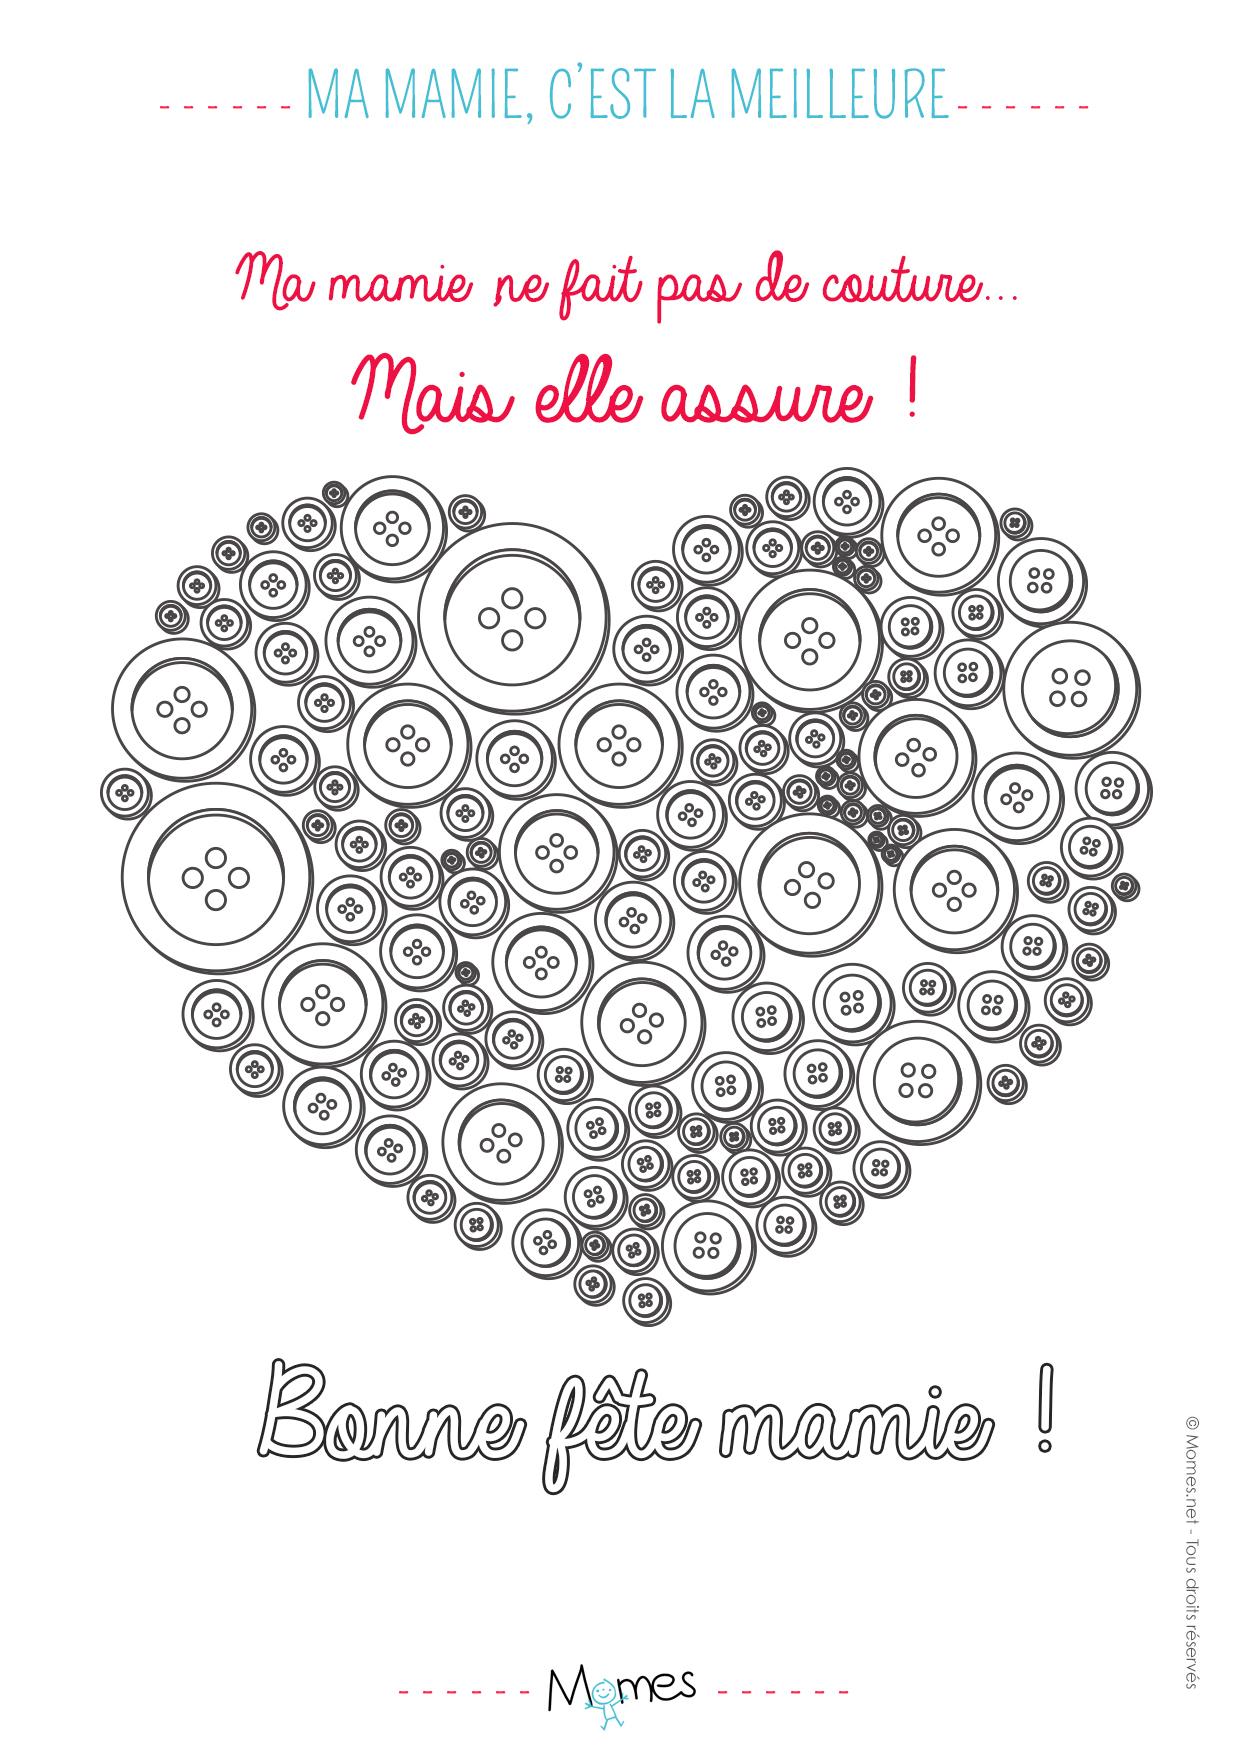 Coloriage Mamie C'Est La Meilleure #Couture - Momes dedans Coloriage De Fête Des Mères À Imprimer